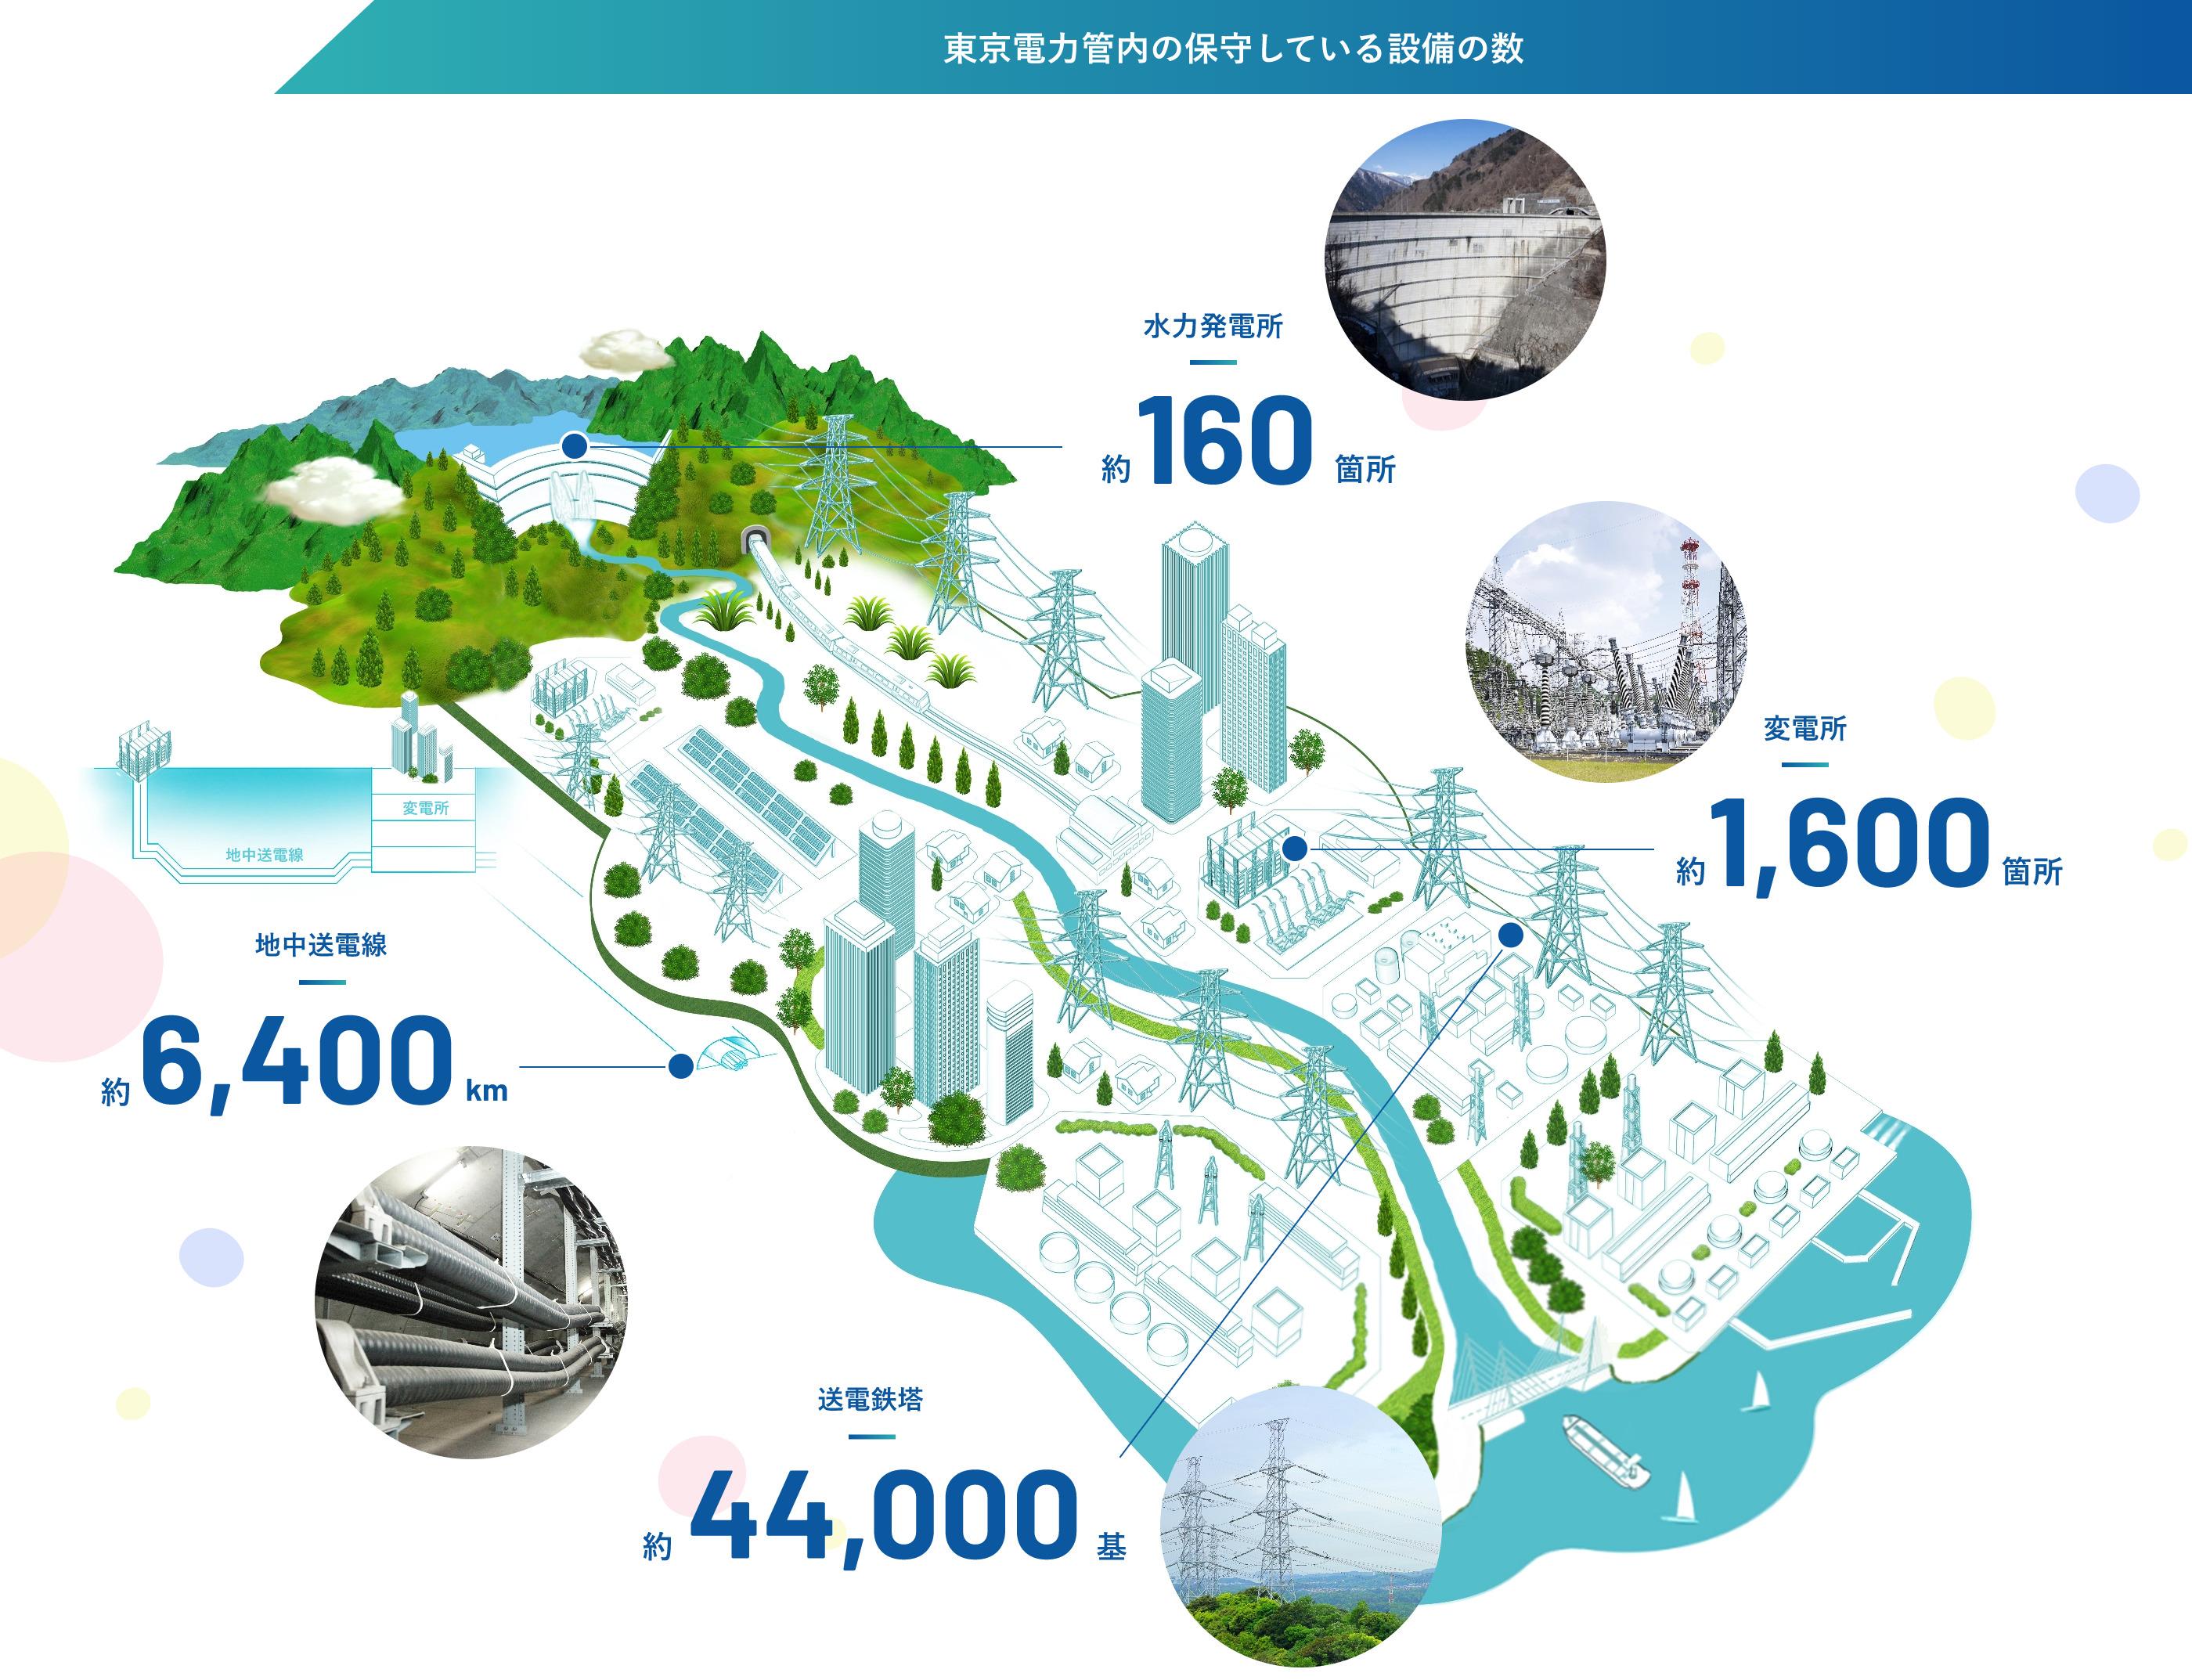 東京電力関内の保守している設備の数 水力発電所164箇所 変電所1615箇所 地中送電線6420km